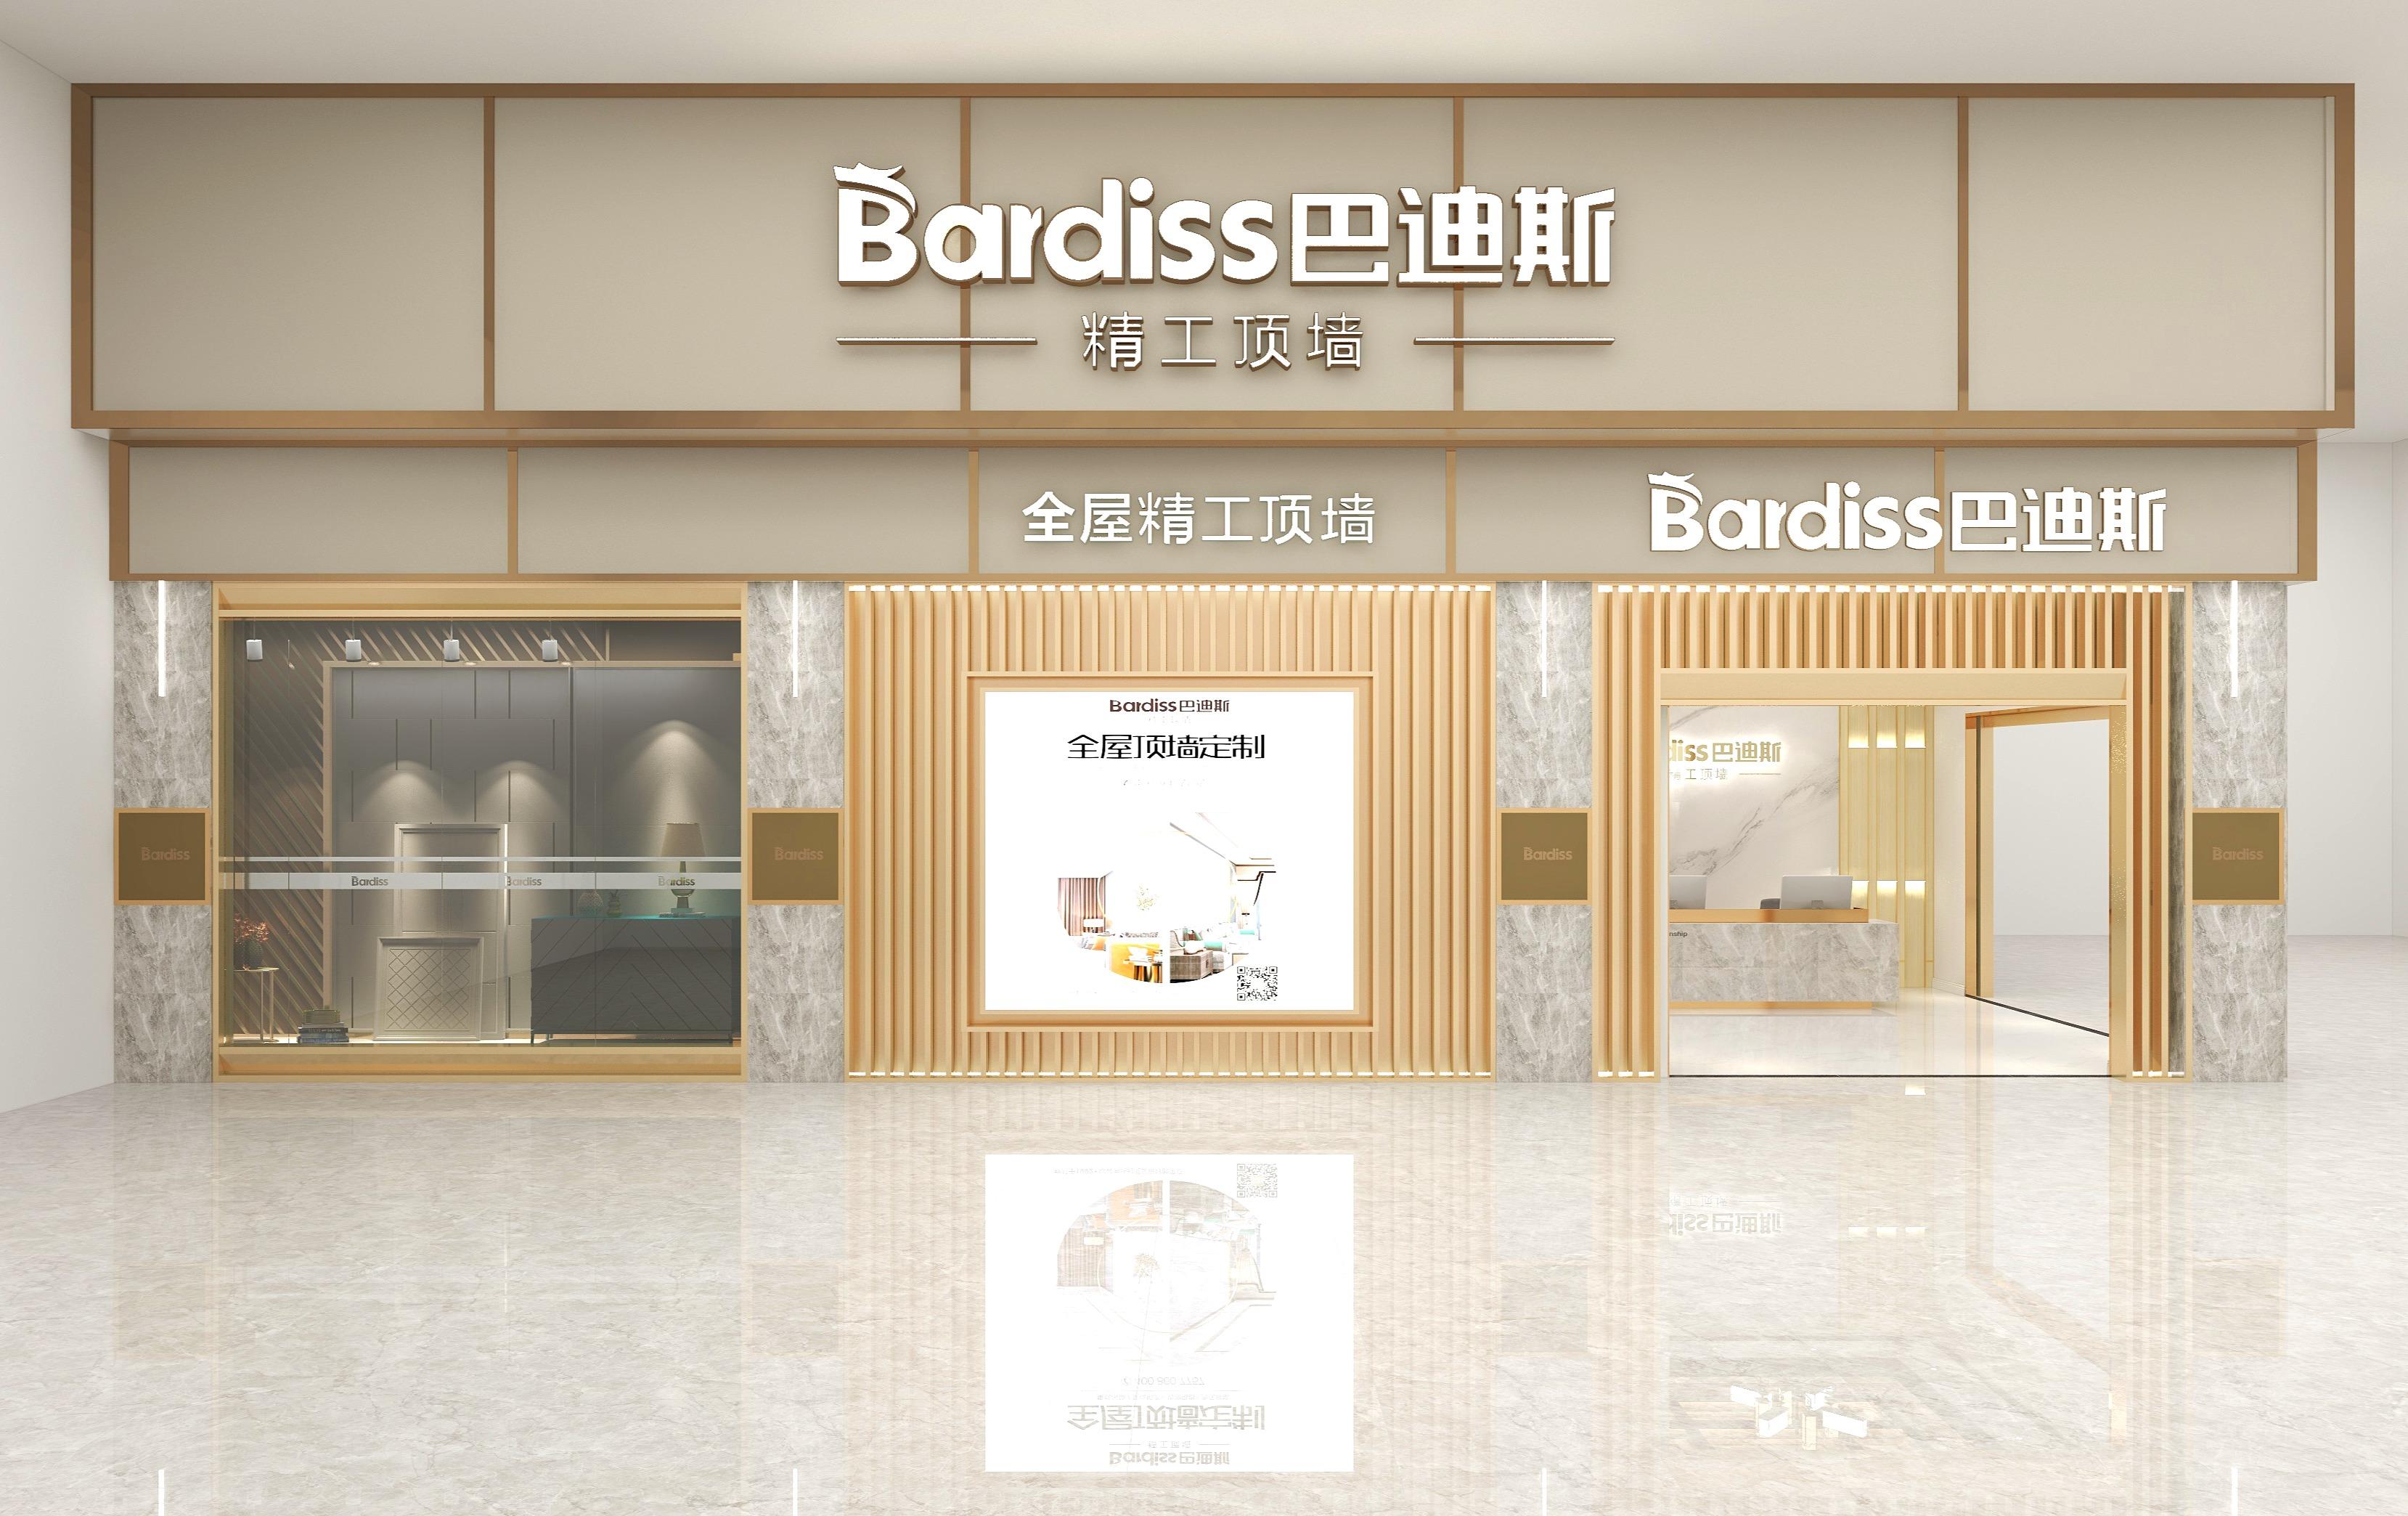 广东惠州惠东●6代店|装修效果全景图